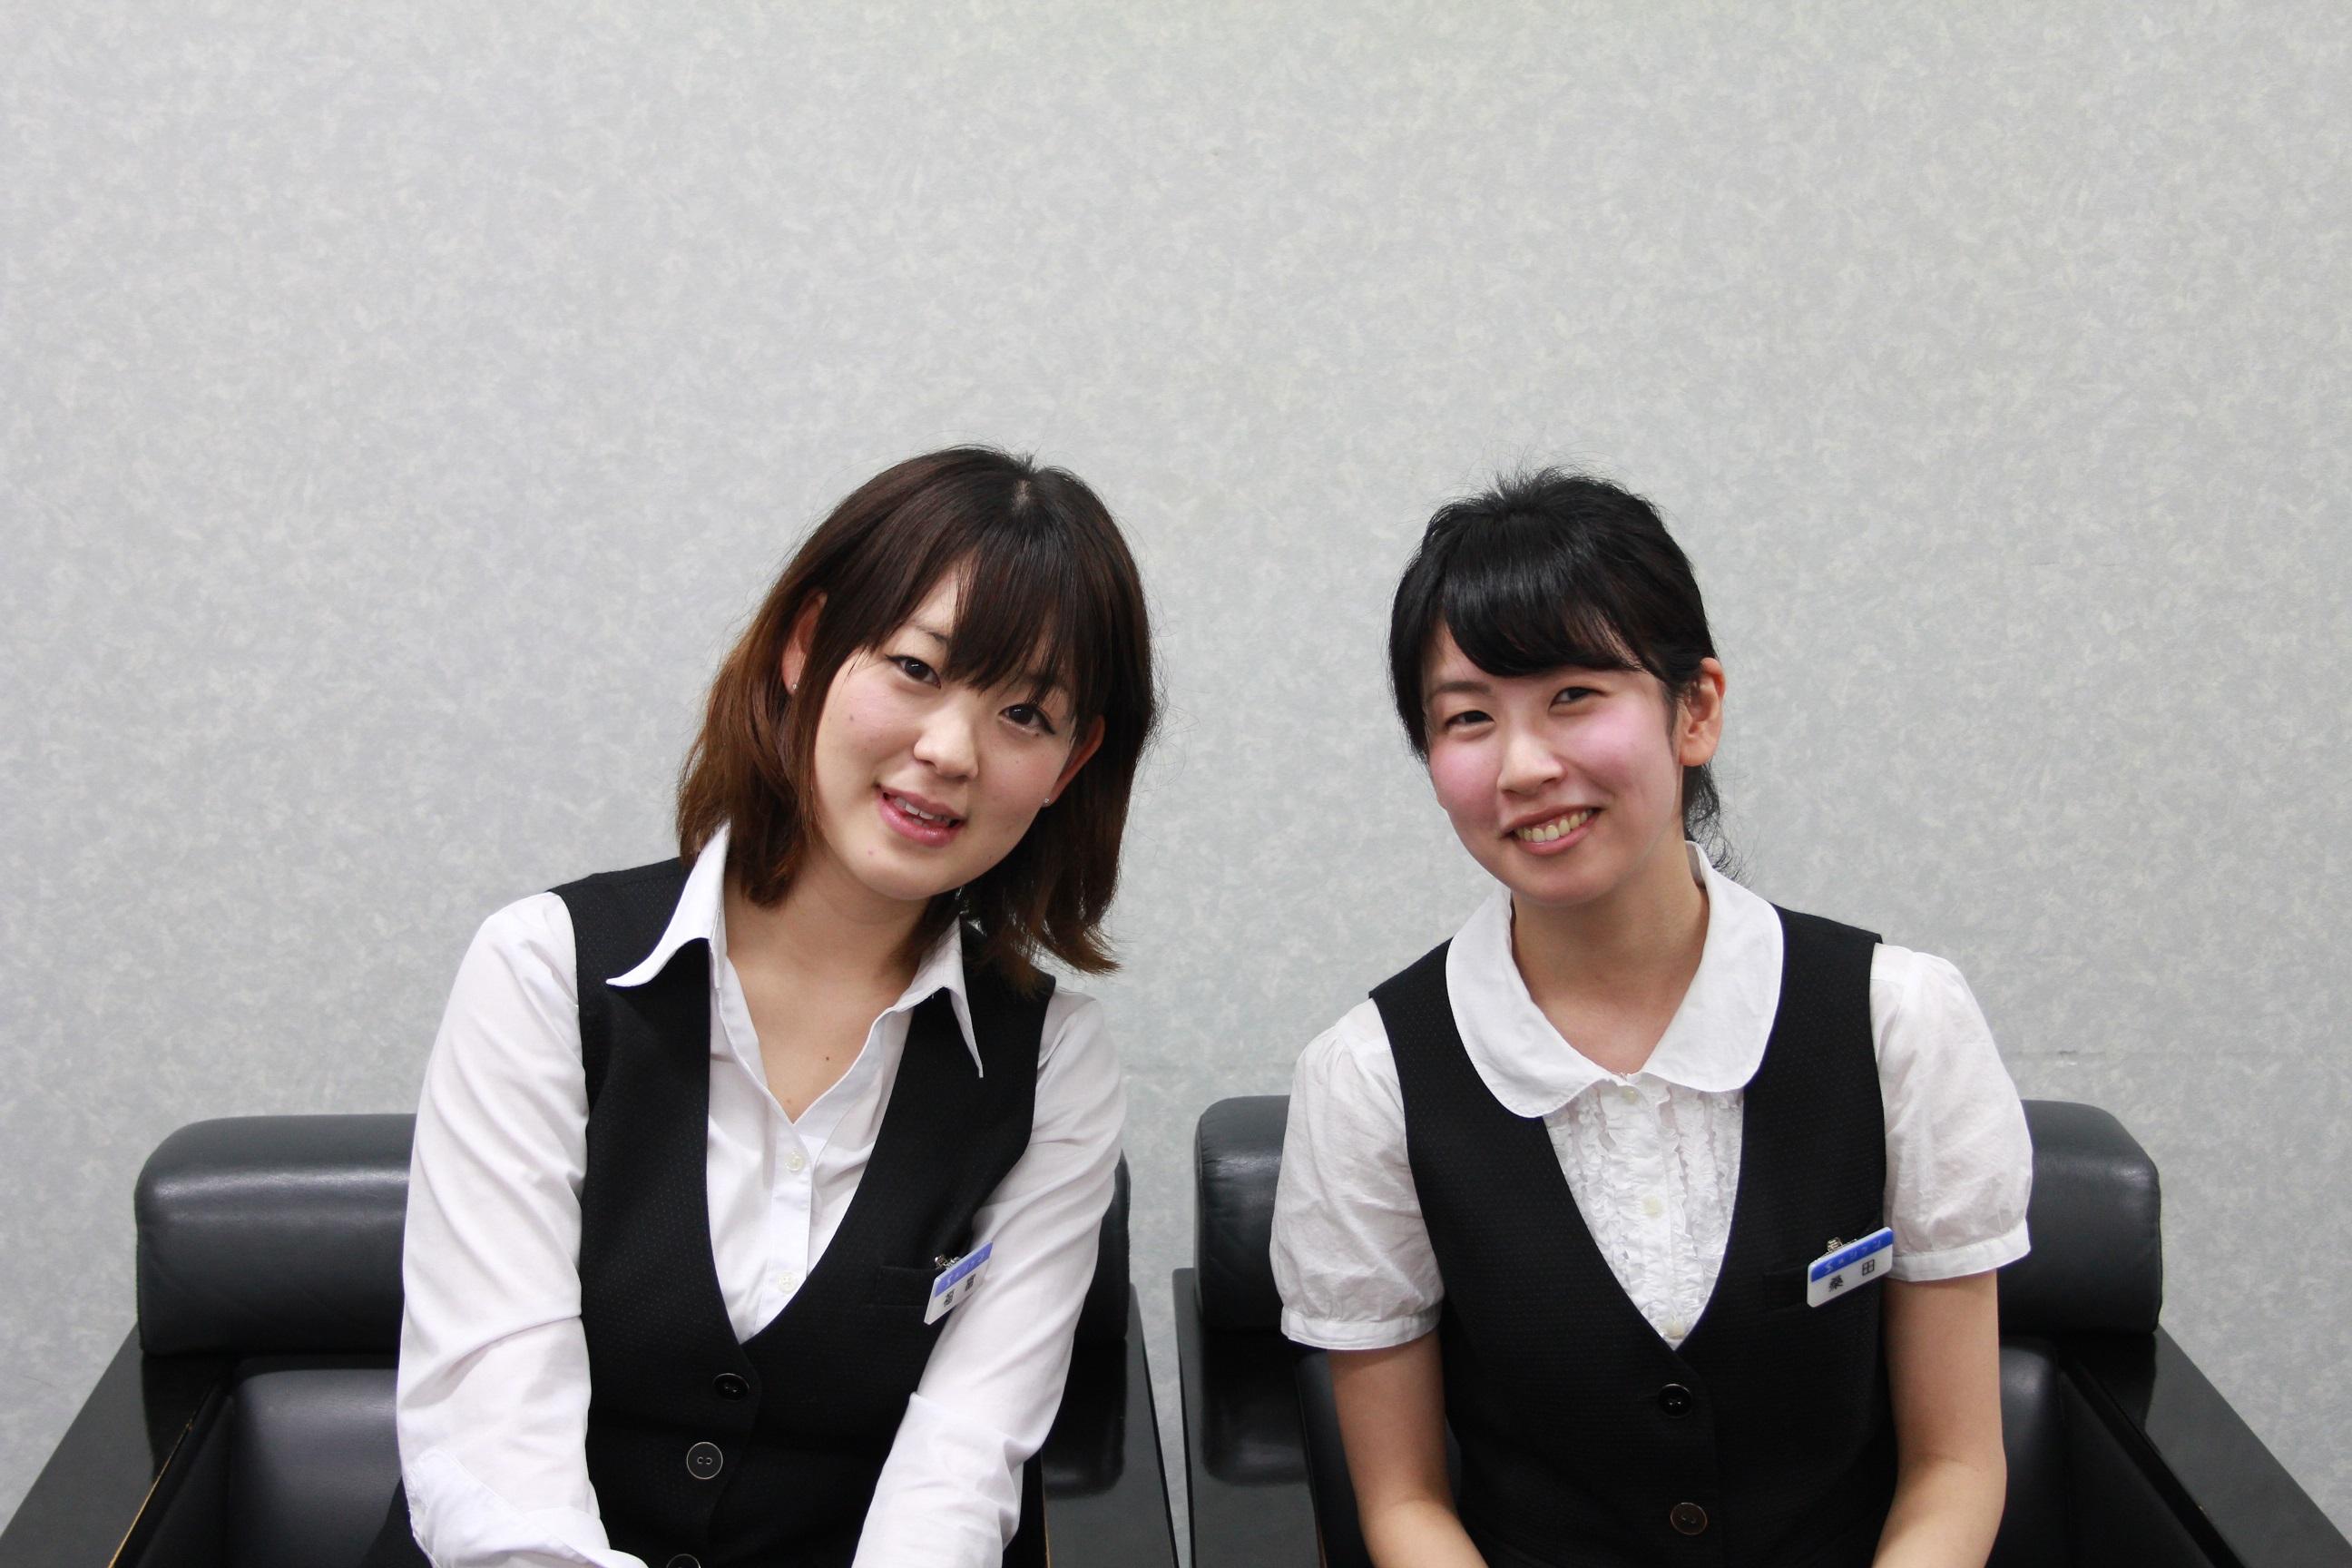 そそる集合写真21 [無断転載禁止]©bbspink.comYouTube動画>2本 ->画像>1254枚